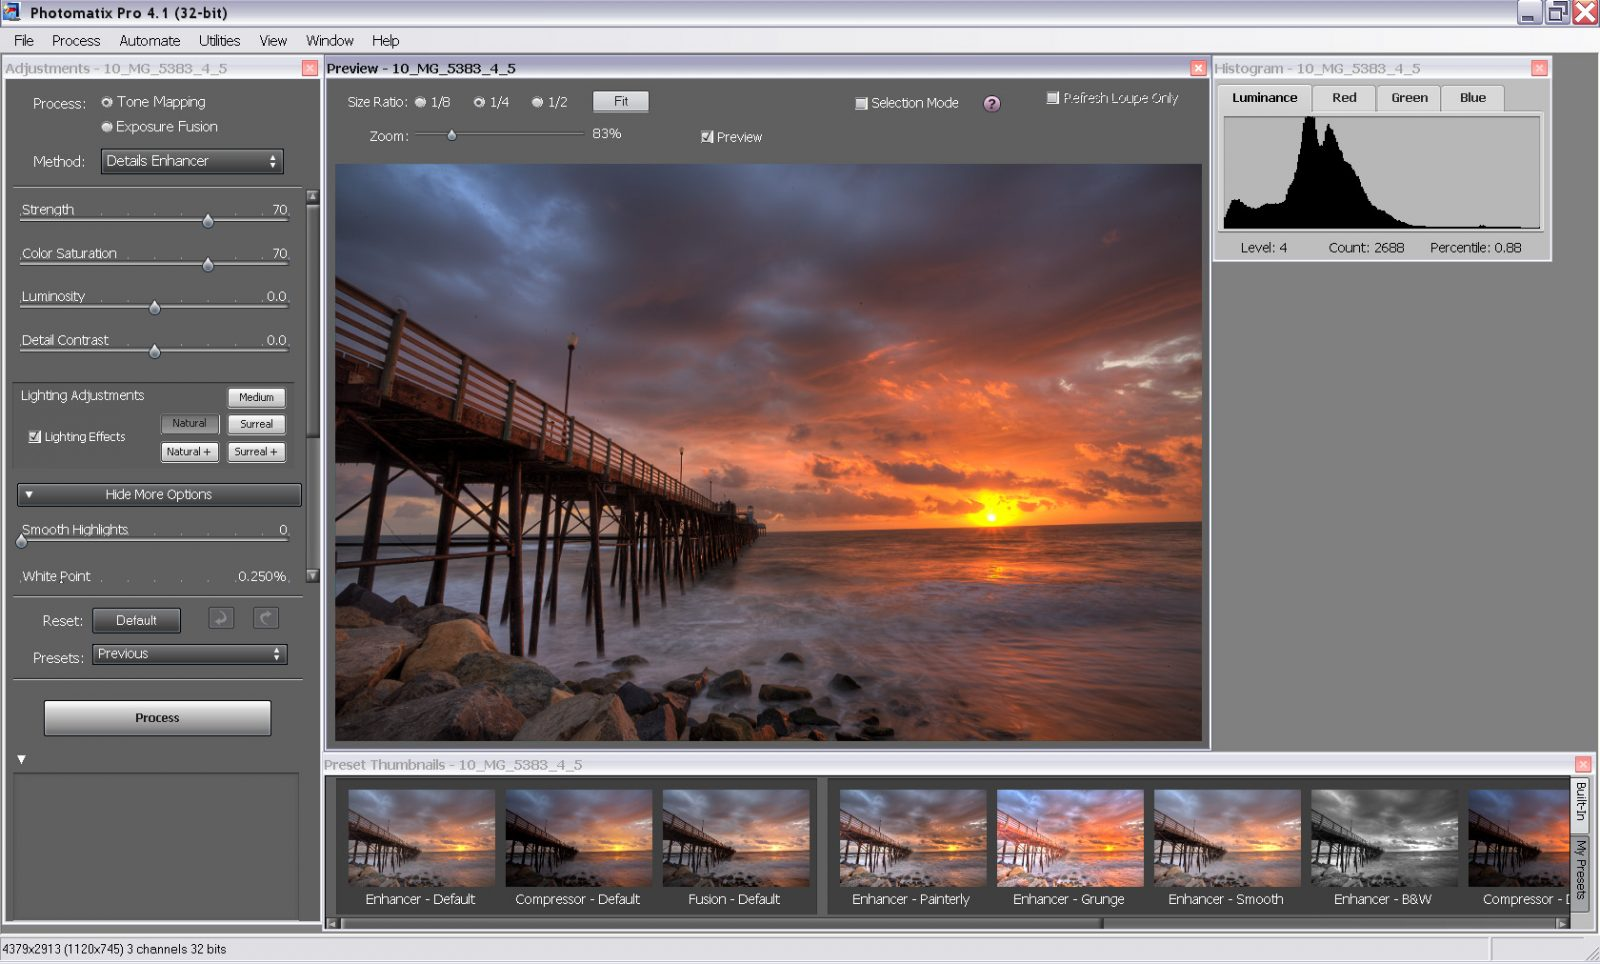 Photomatix Pro 6.2